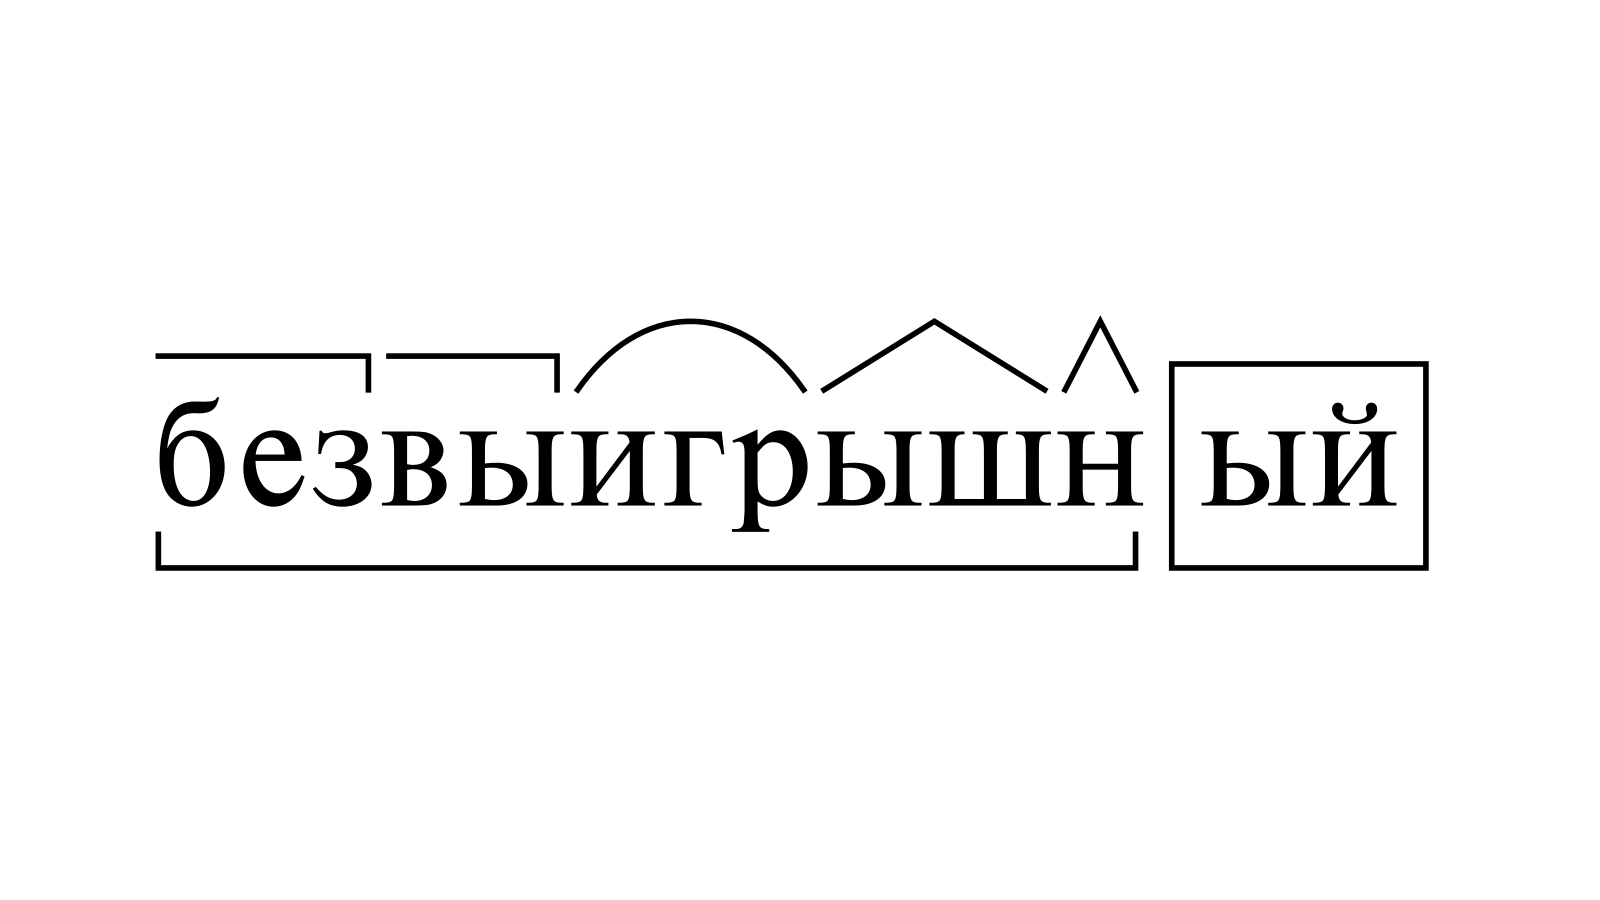 Разбор слова «безвыигрышный» по составу